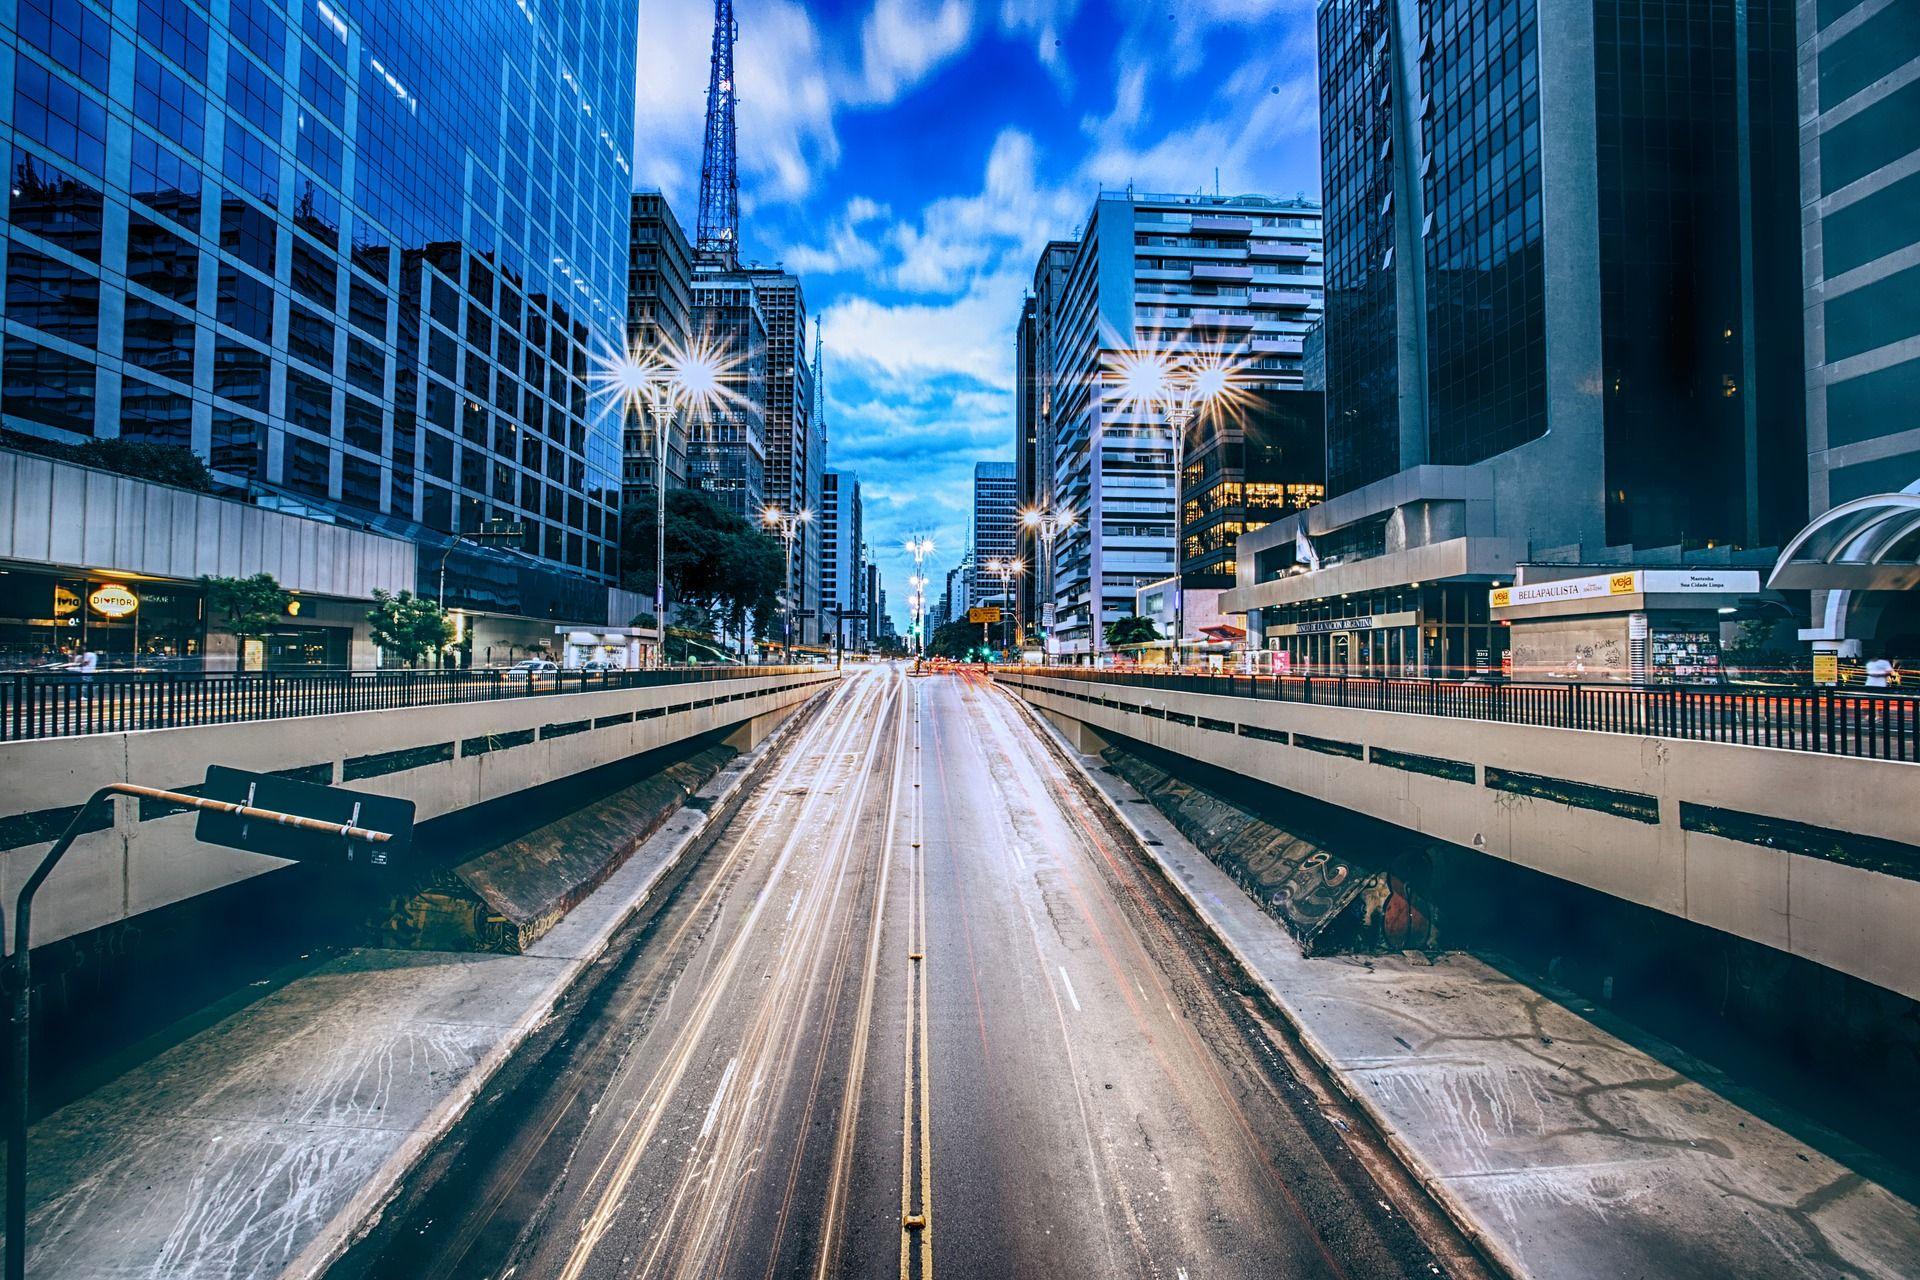 Nachhaltige Mobilität – Ein Zukunftsthema das alle fordert und betrifft